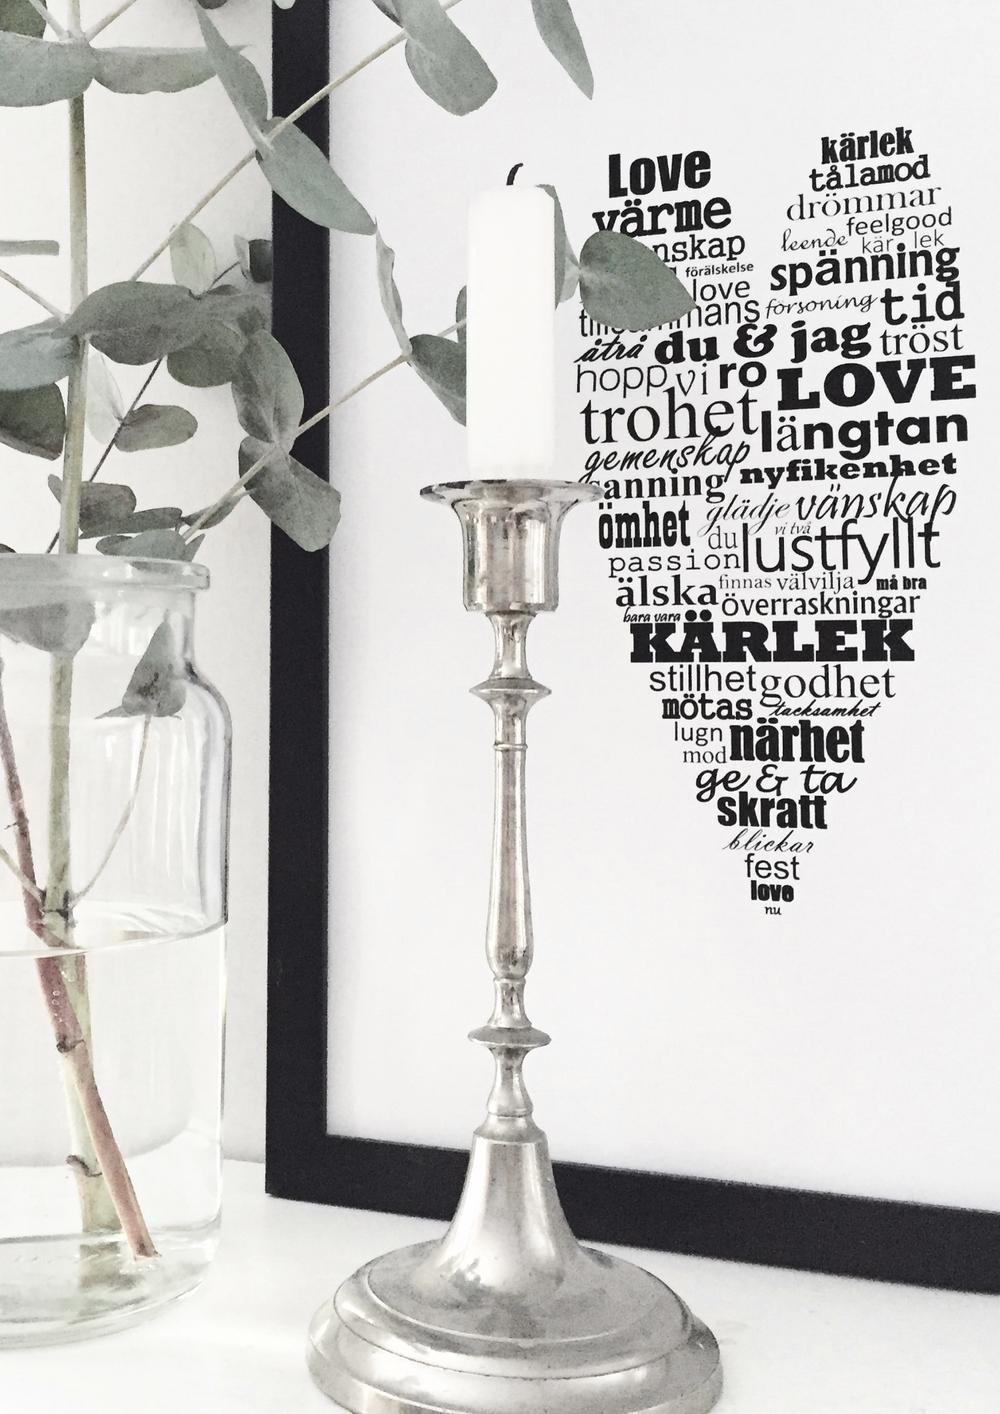 Hjärta fyllt av kärlek grafiskt print design millandante.se